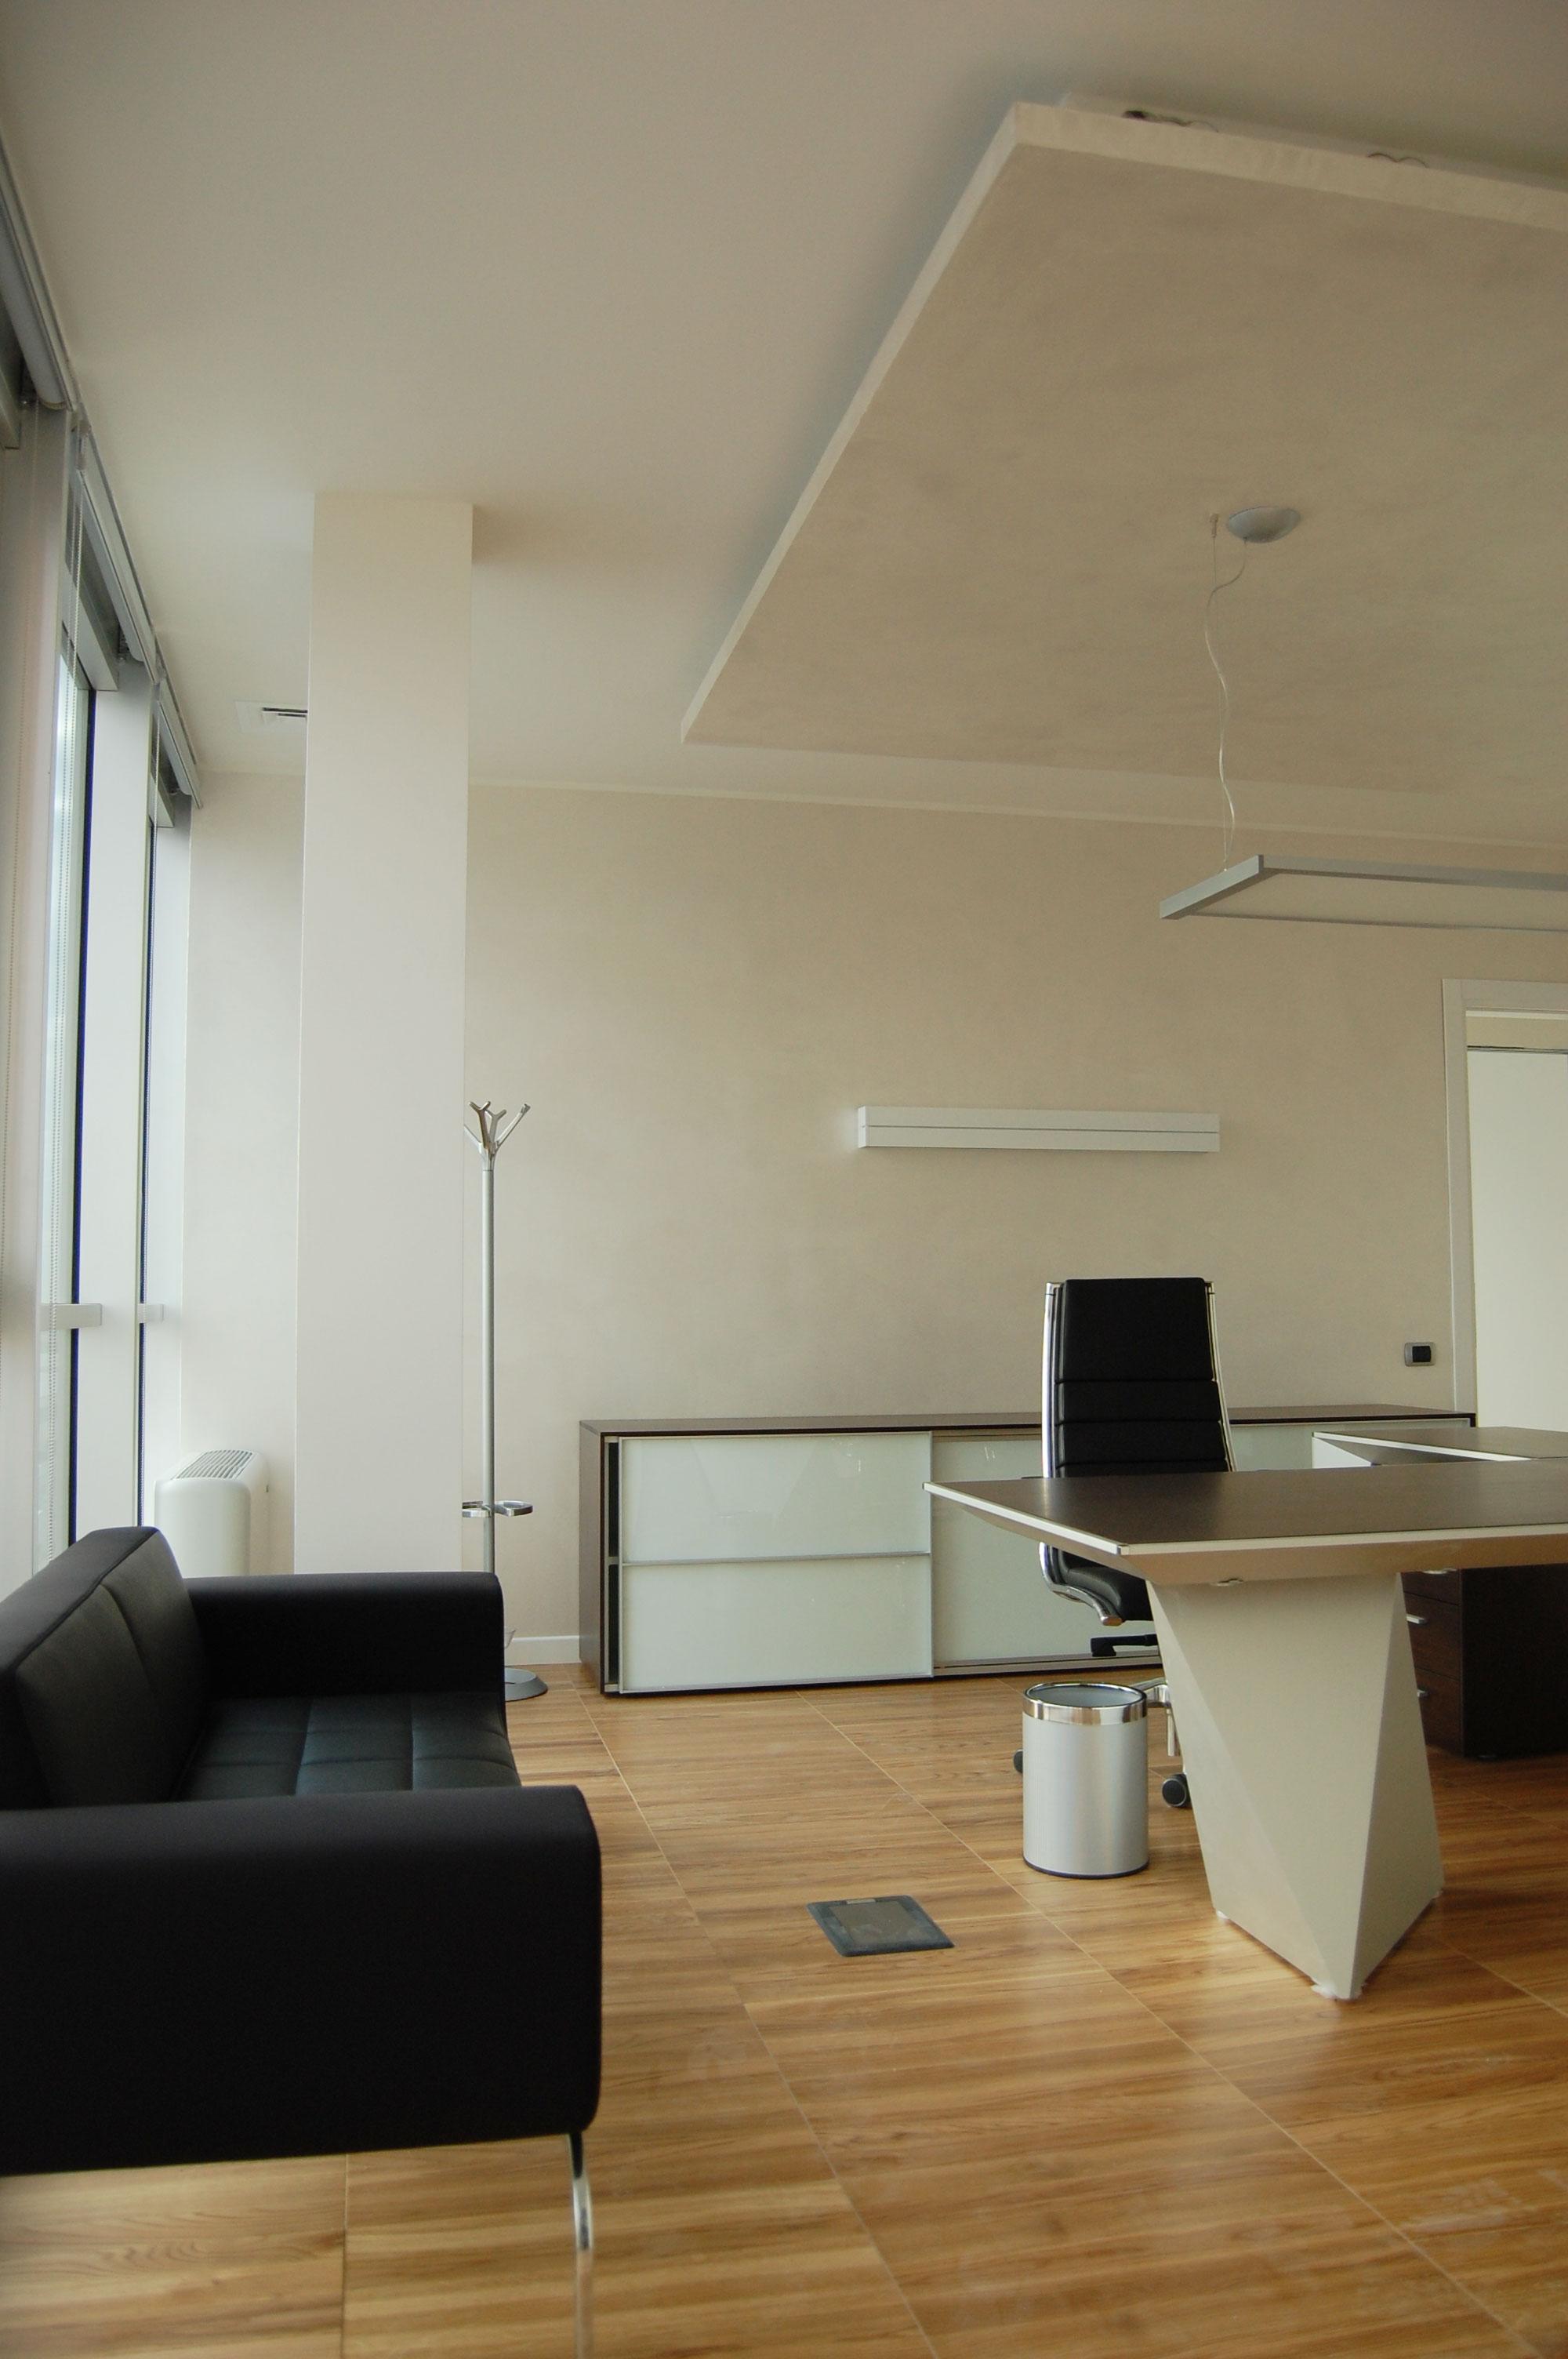 Interior design ufficio 11 tecnoin for Interior design ufficio